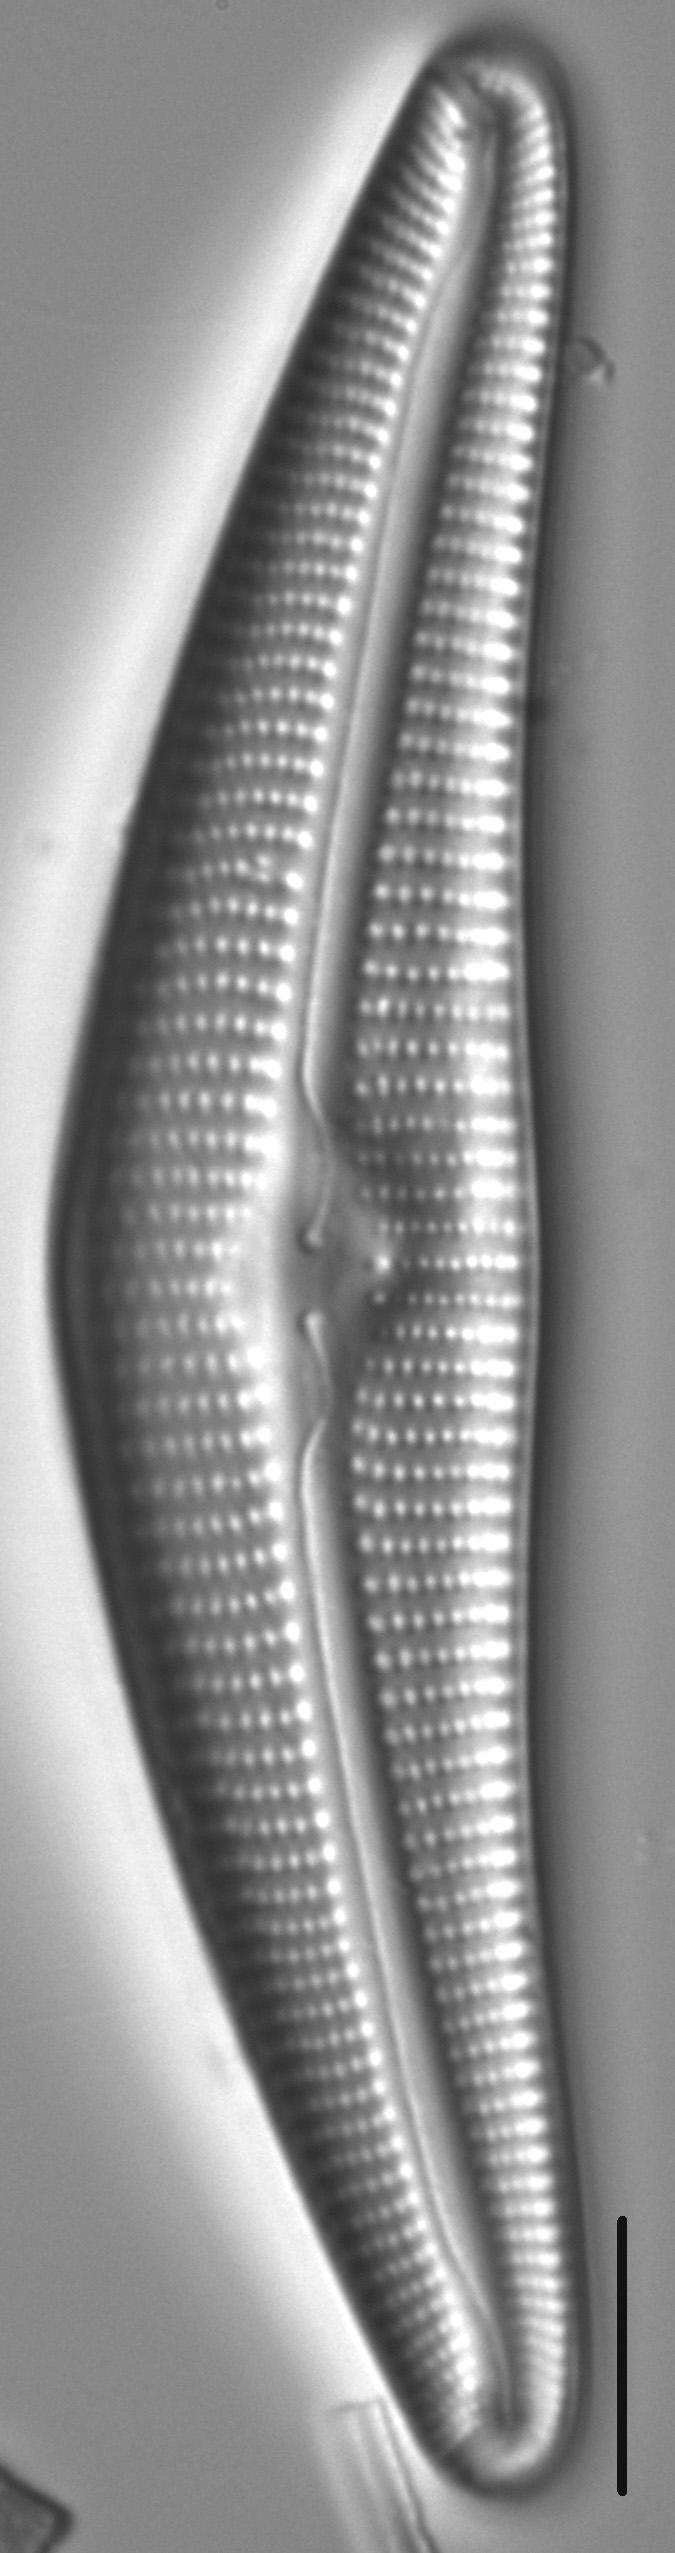 Cymbella Cymbiformis 439301 3